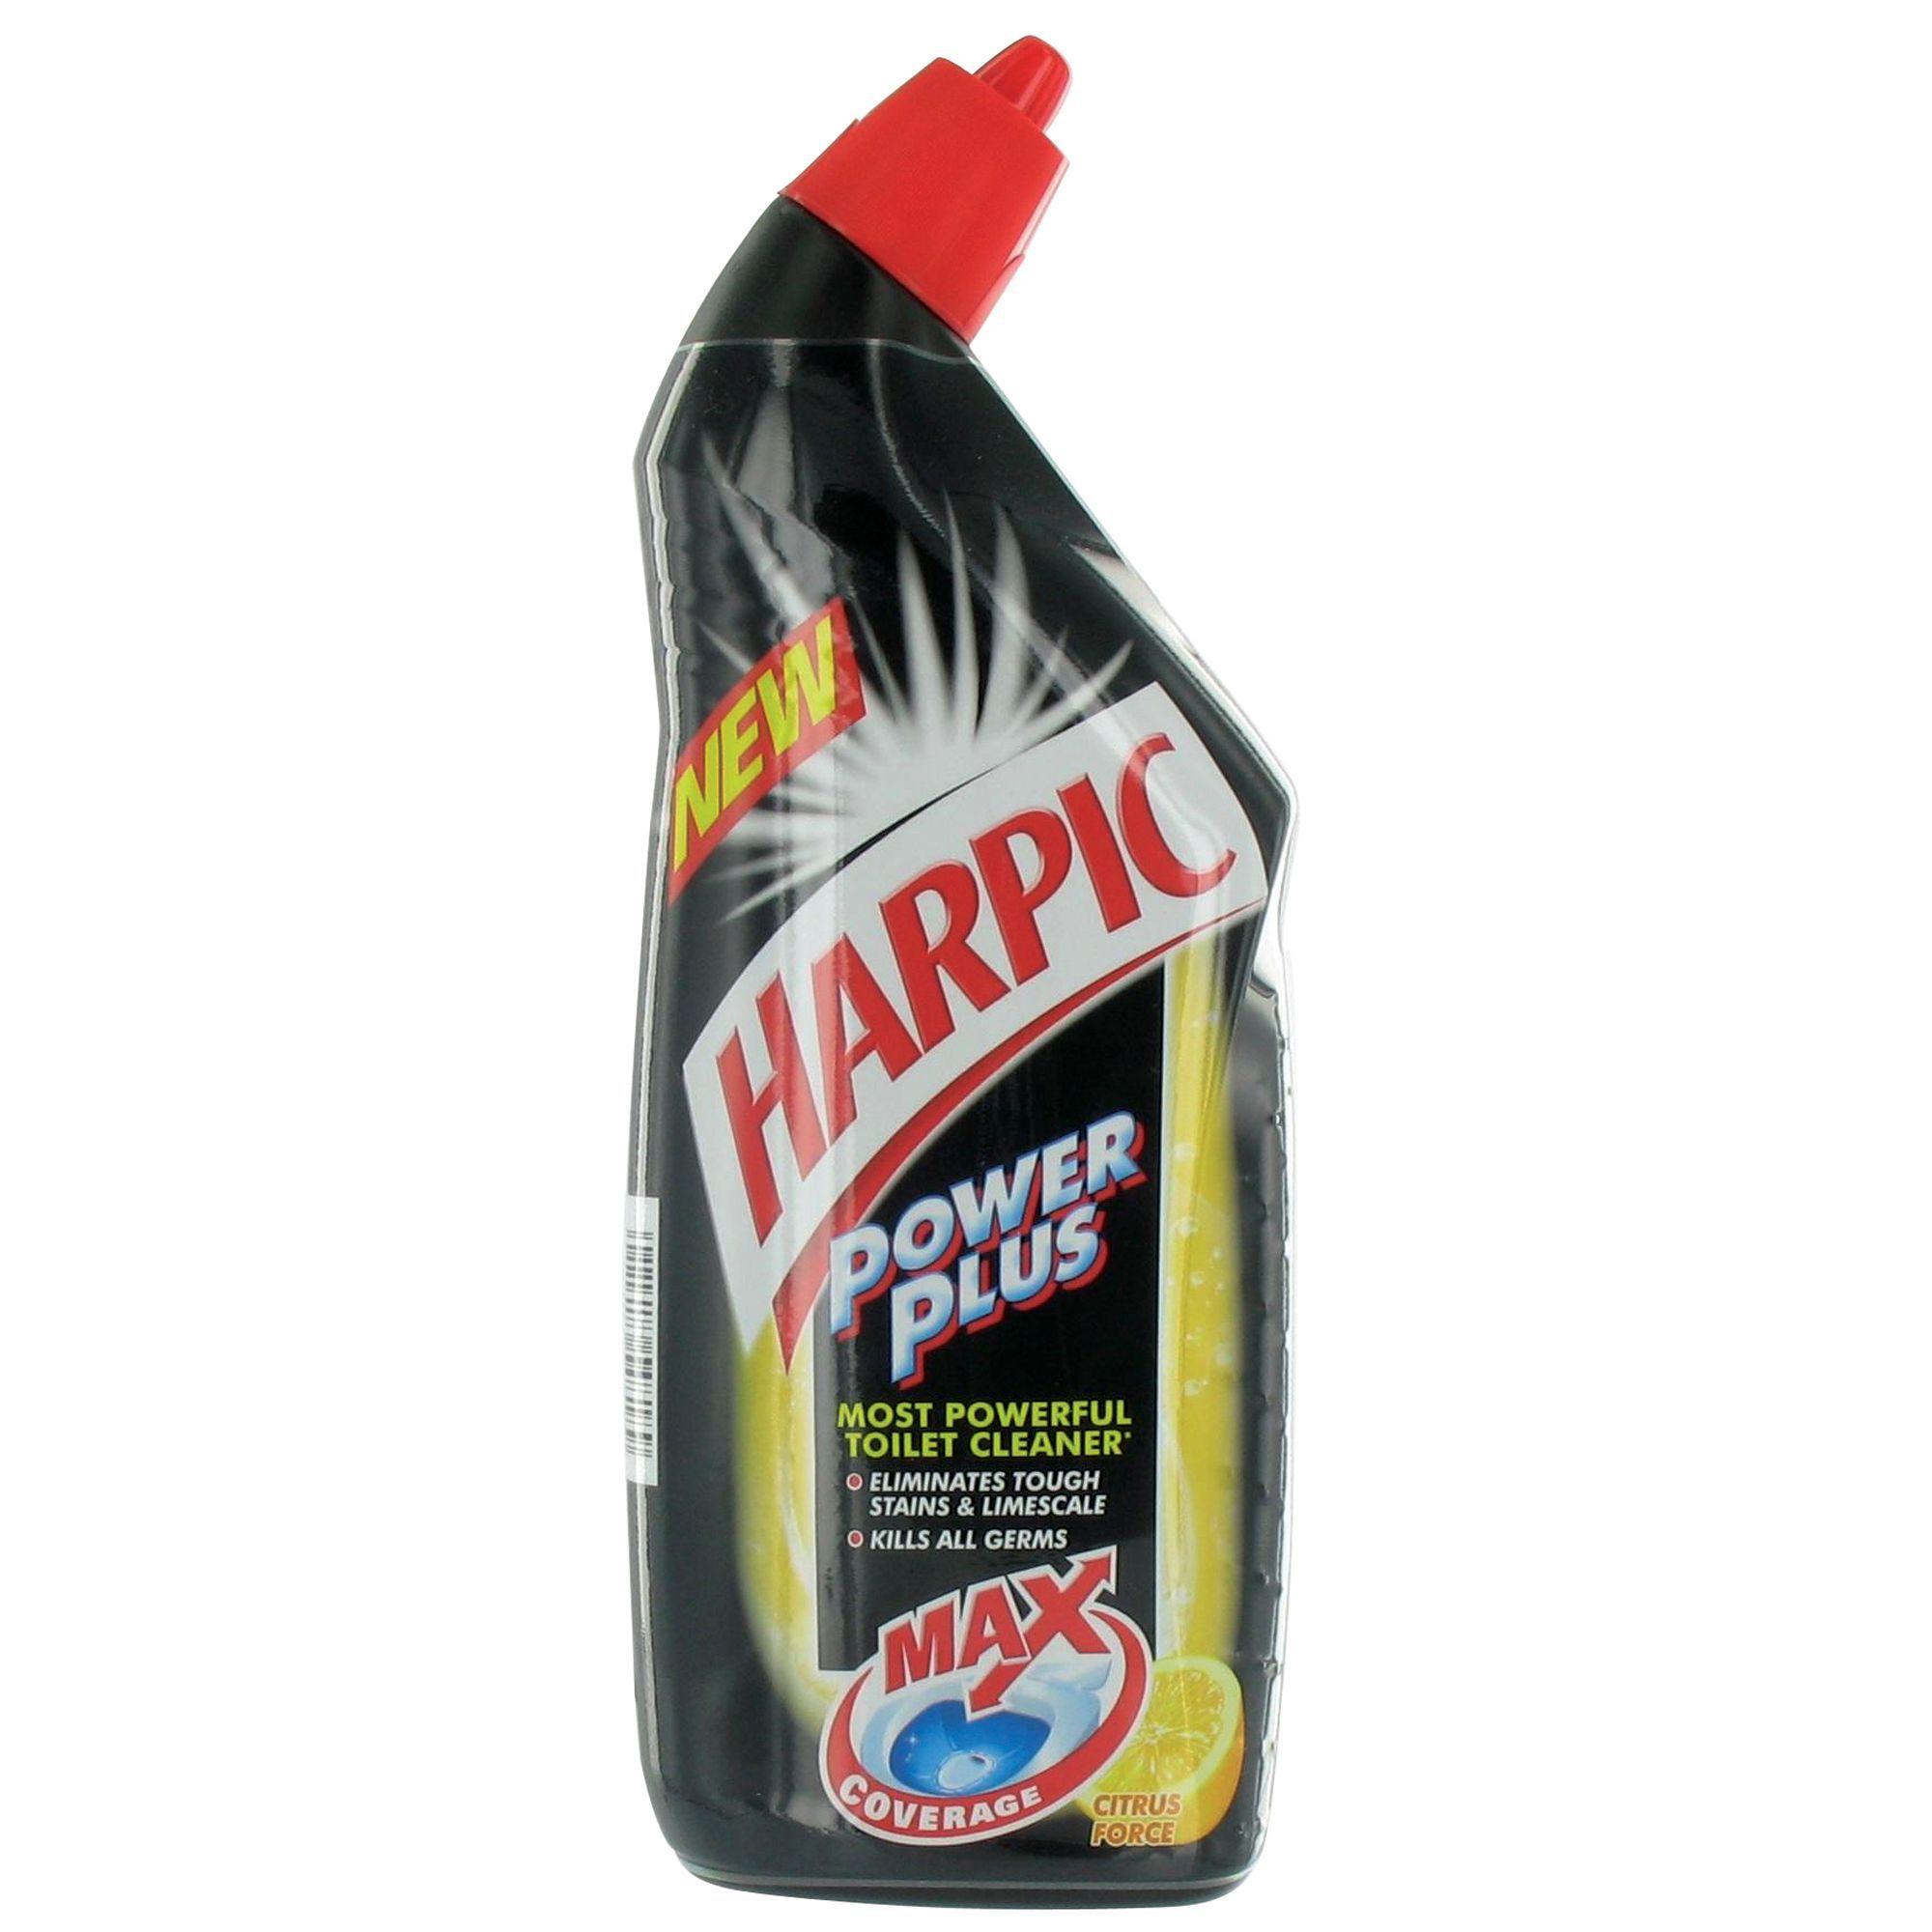 Harpic Power Plus Toilet Cleaner Bottle 750 Ml